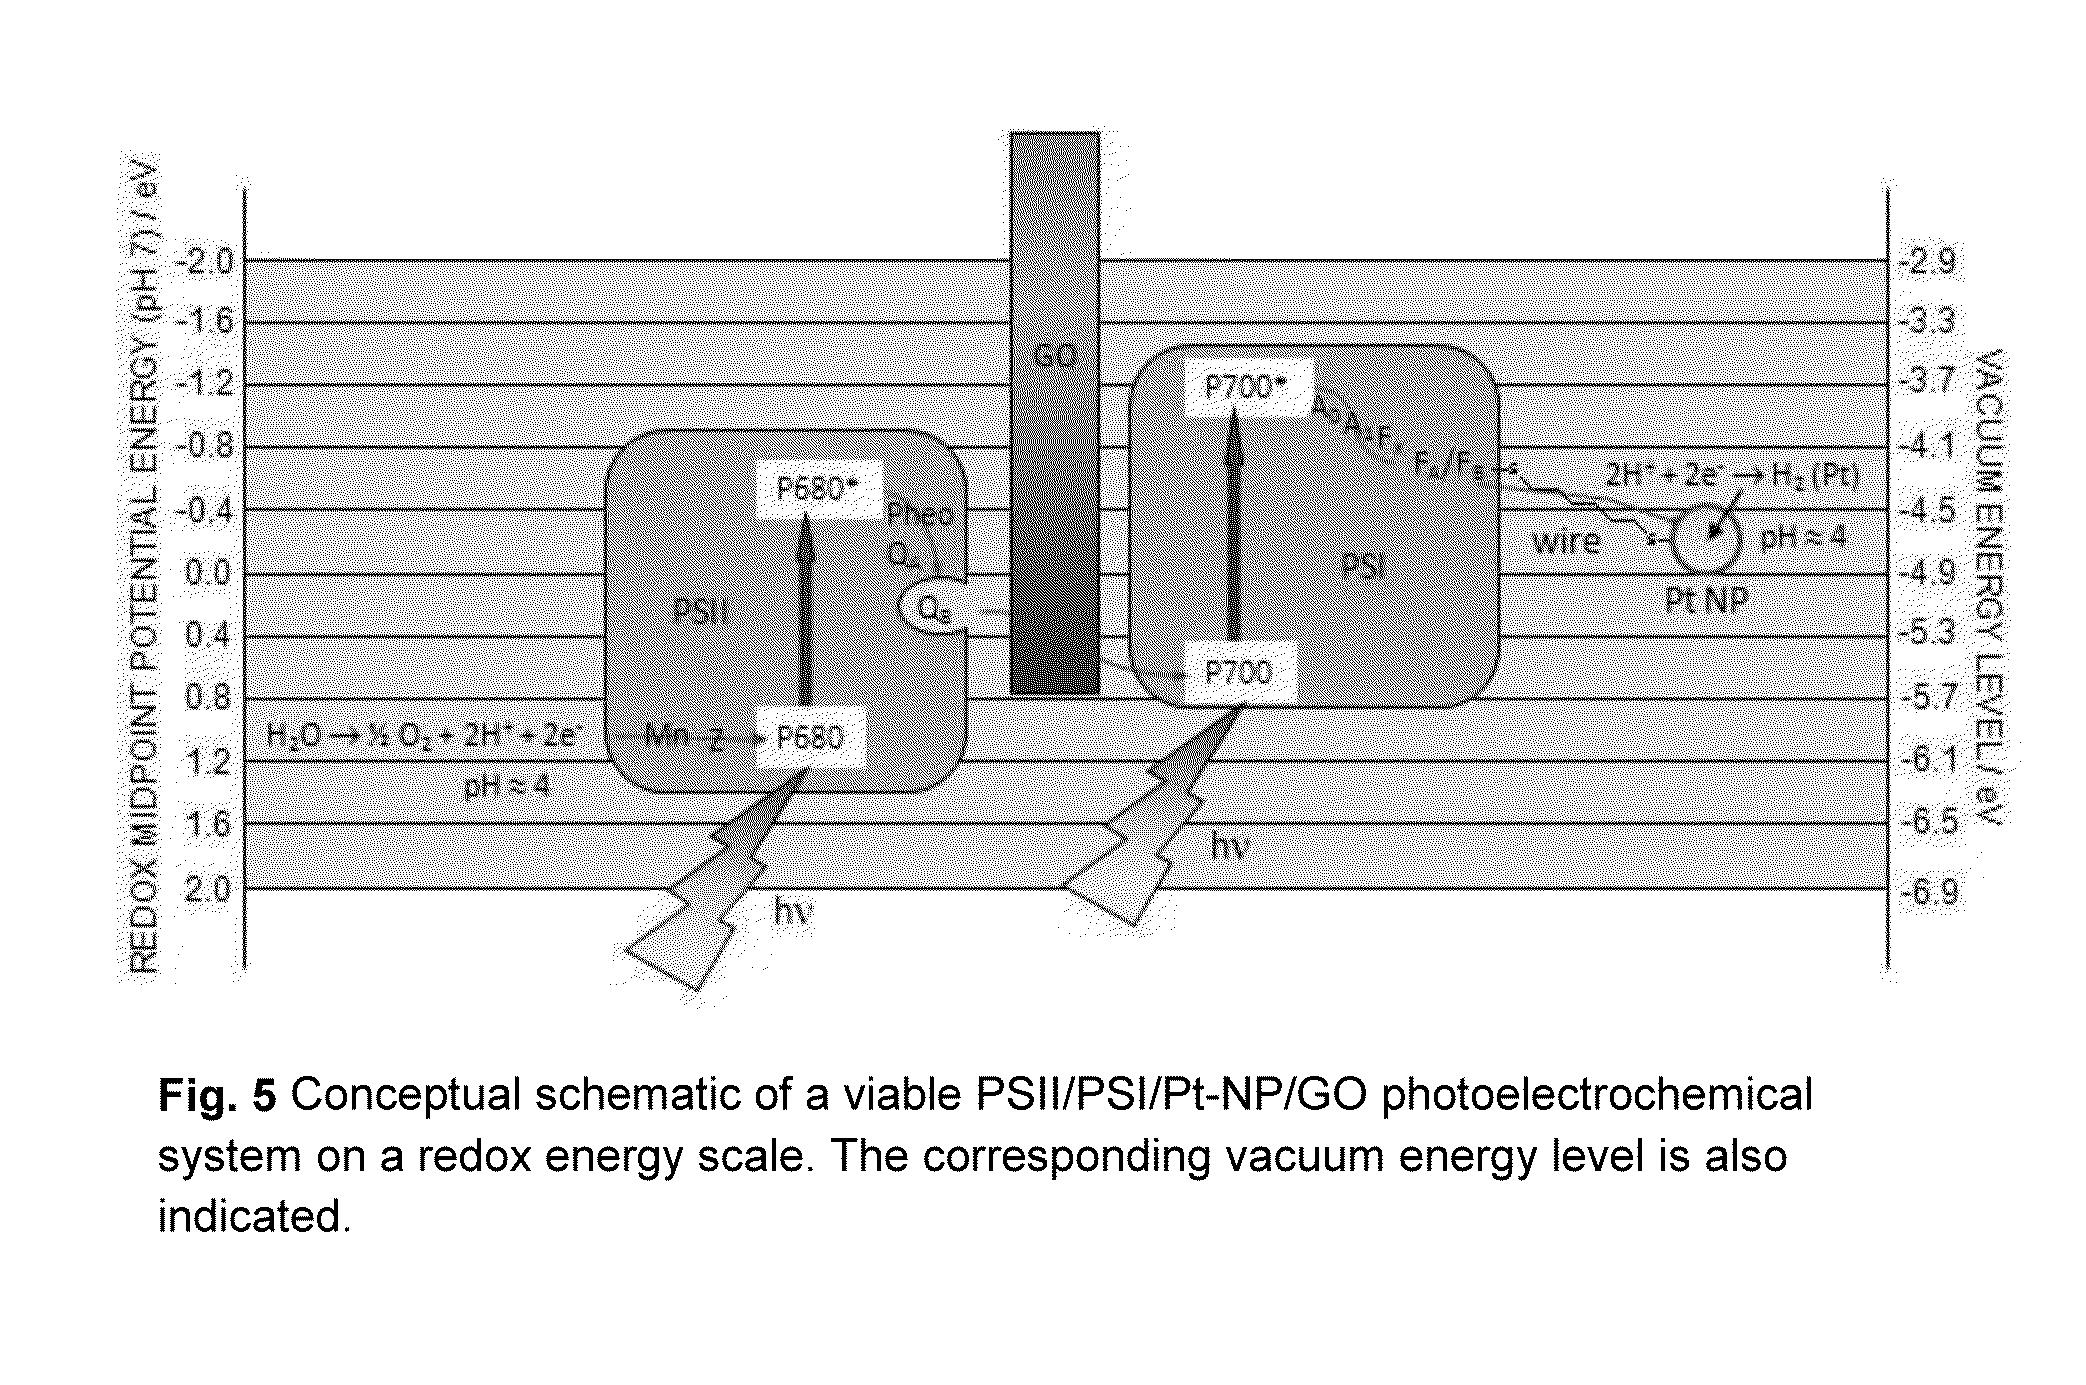 niepokonany x szczegółowe zdjęcia strona internetowa ze zniżką US20140154770A1 - Chemically Modified Graphene - Google Patents